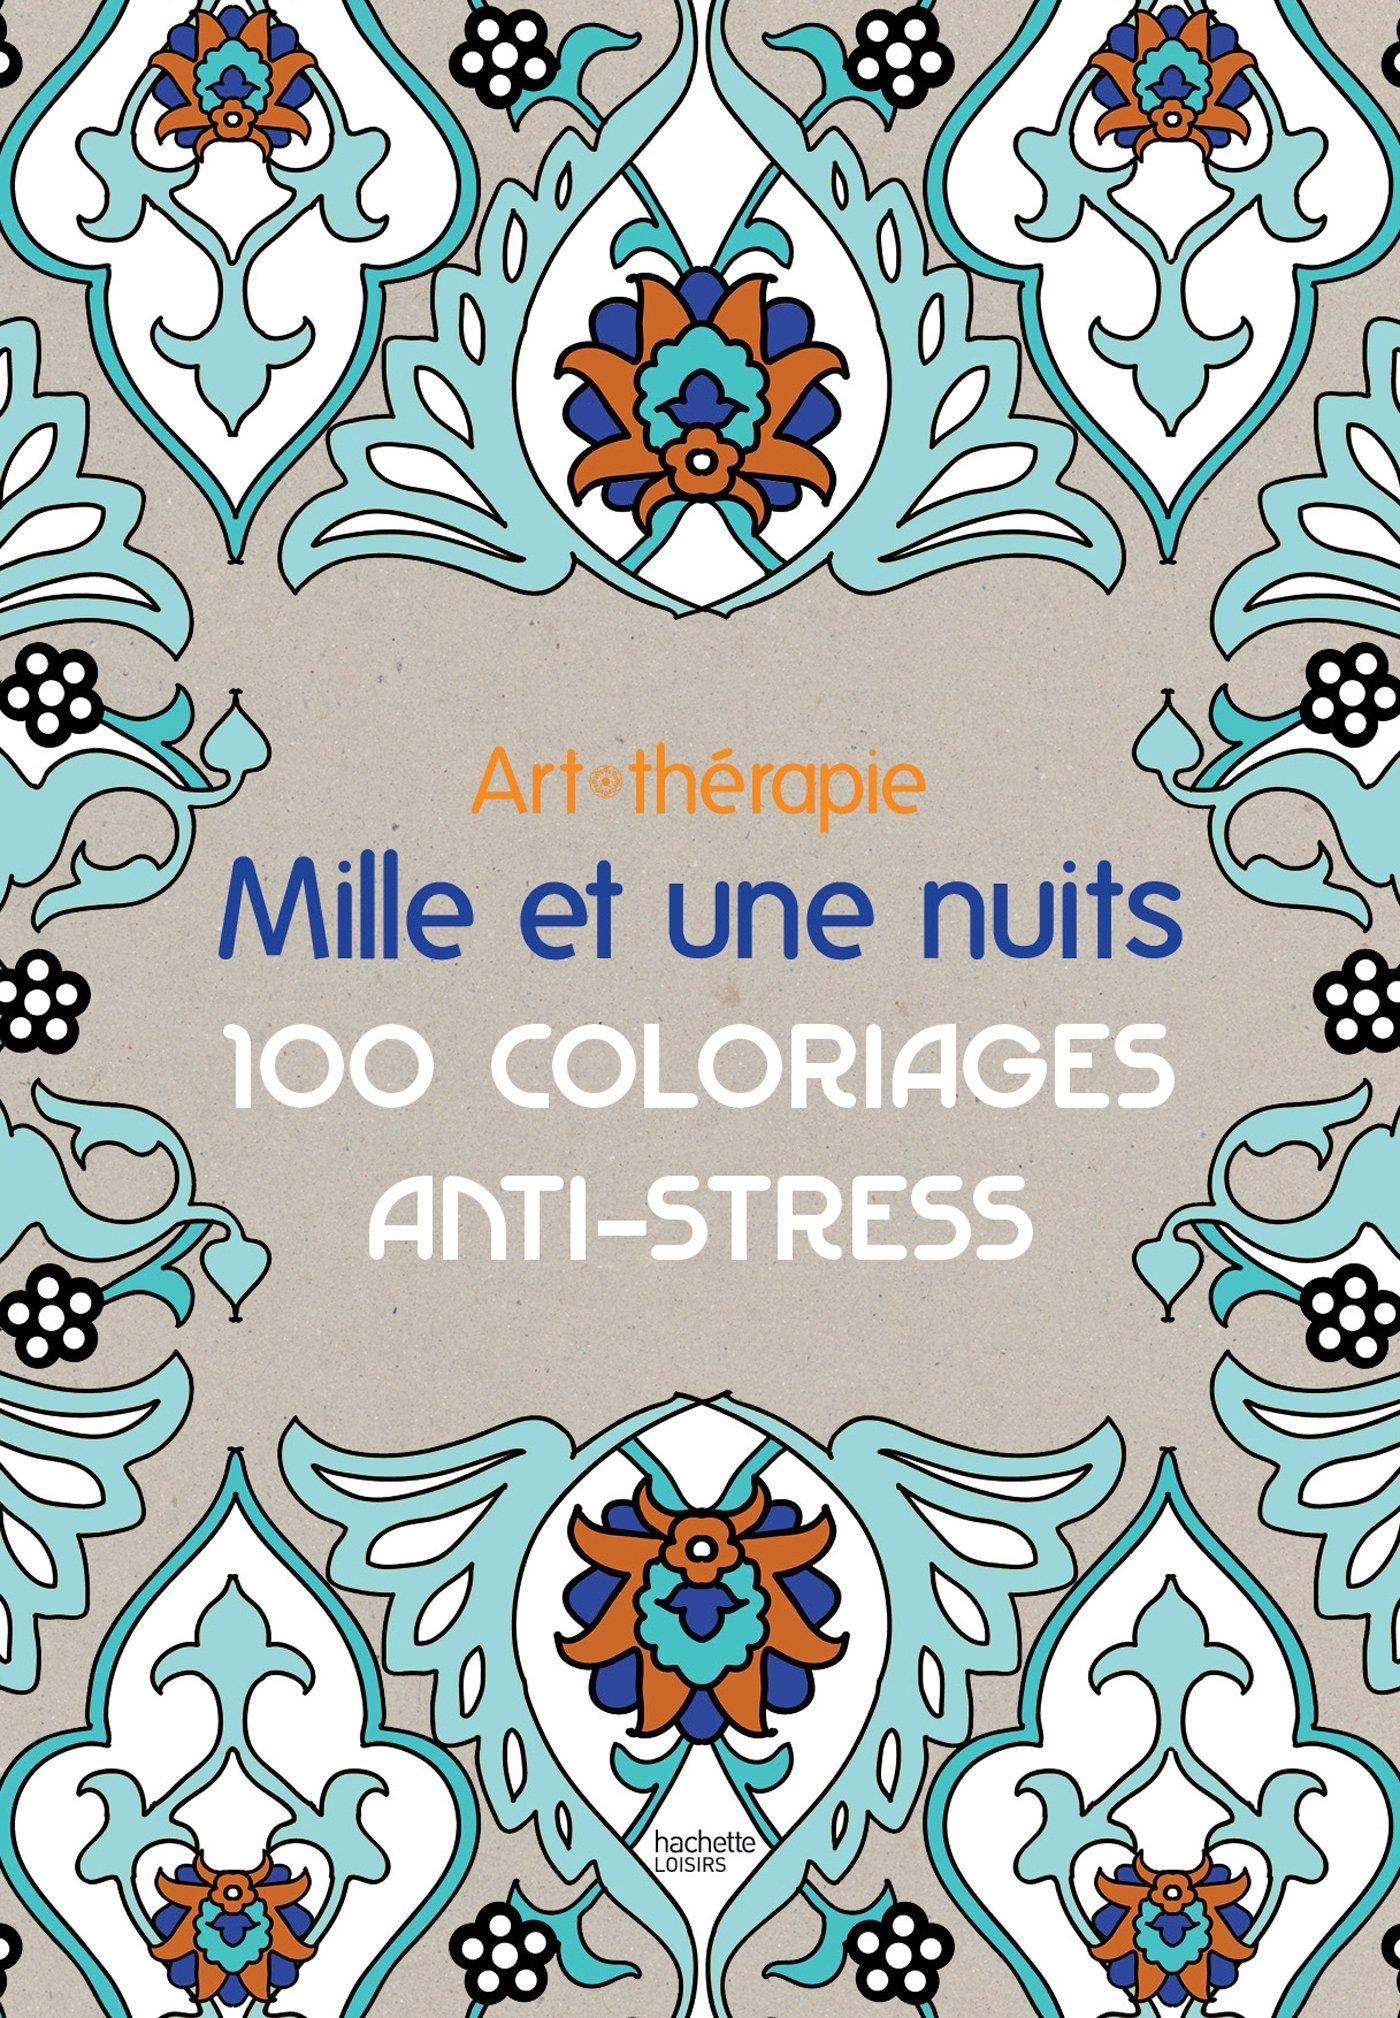 coloriage anti stress mille et une nuit